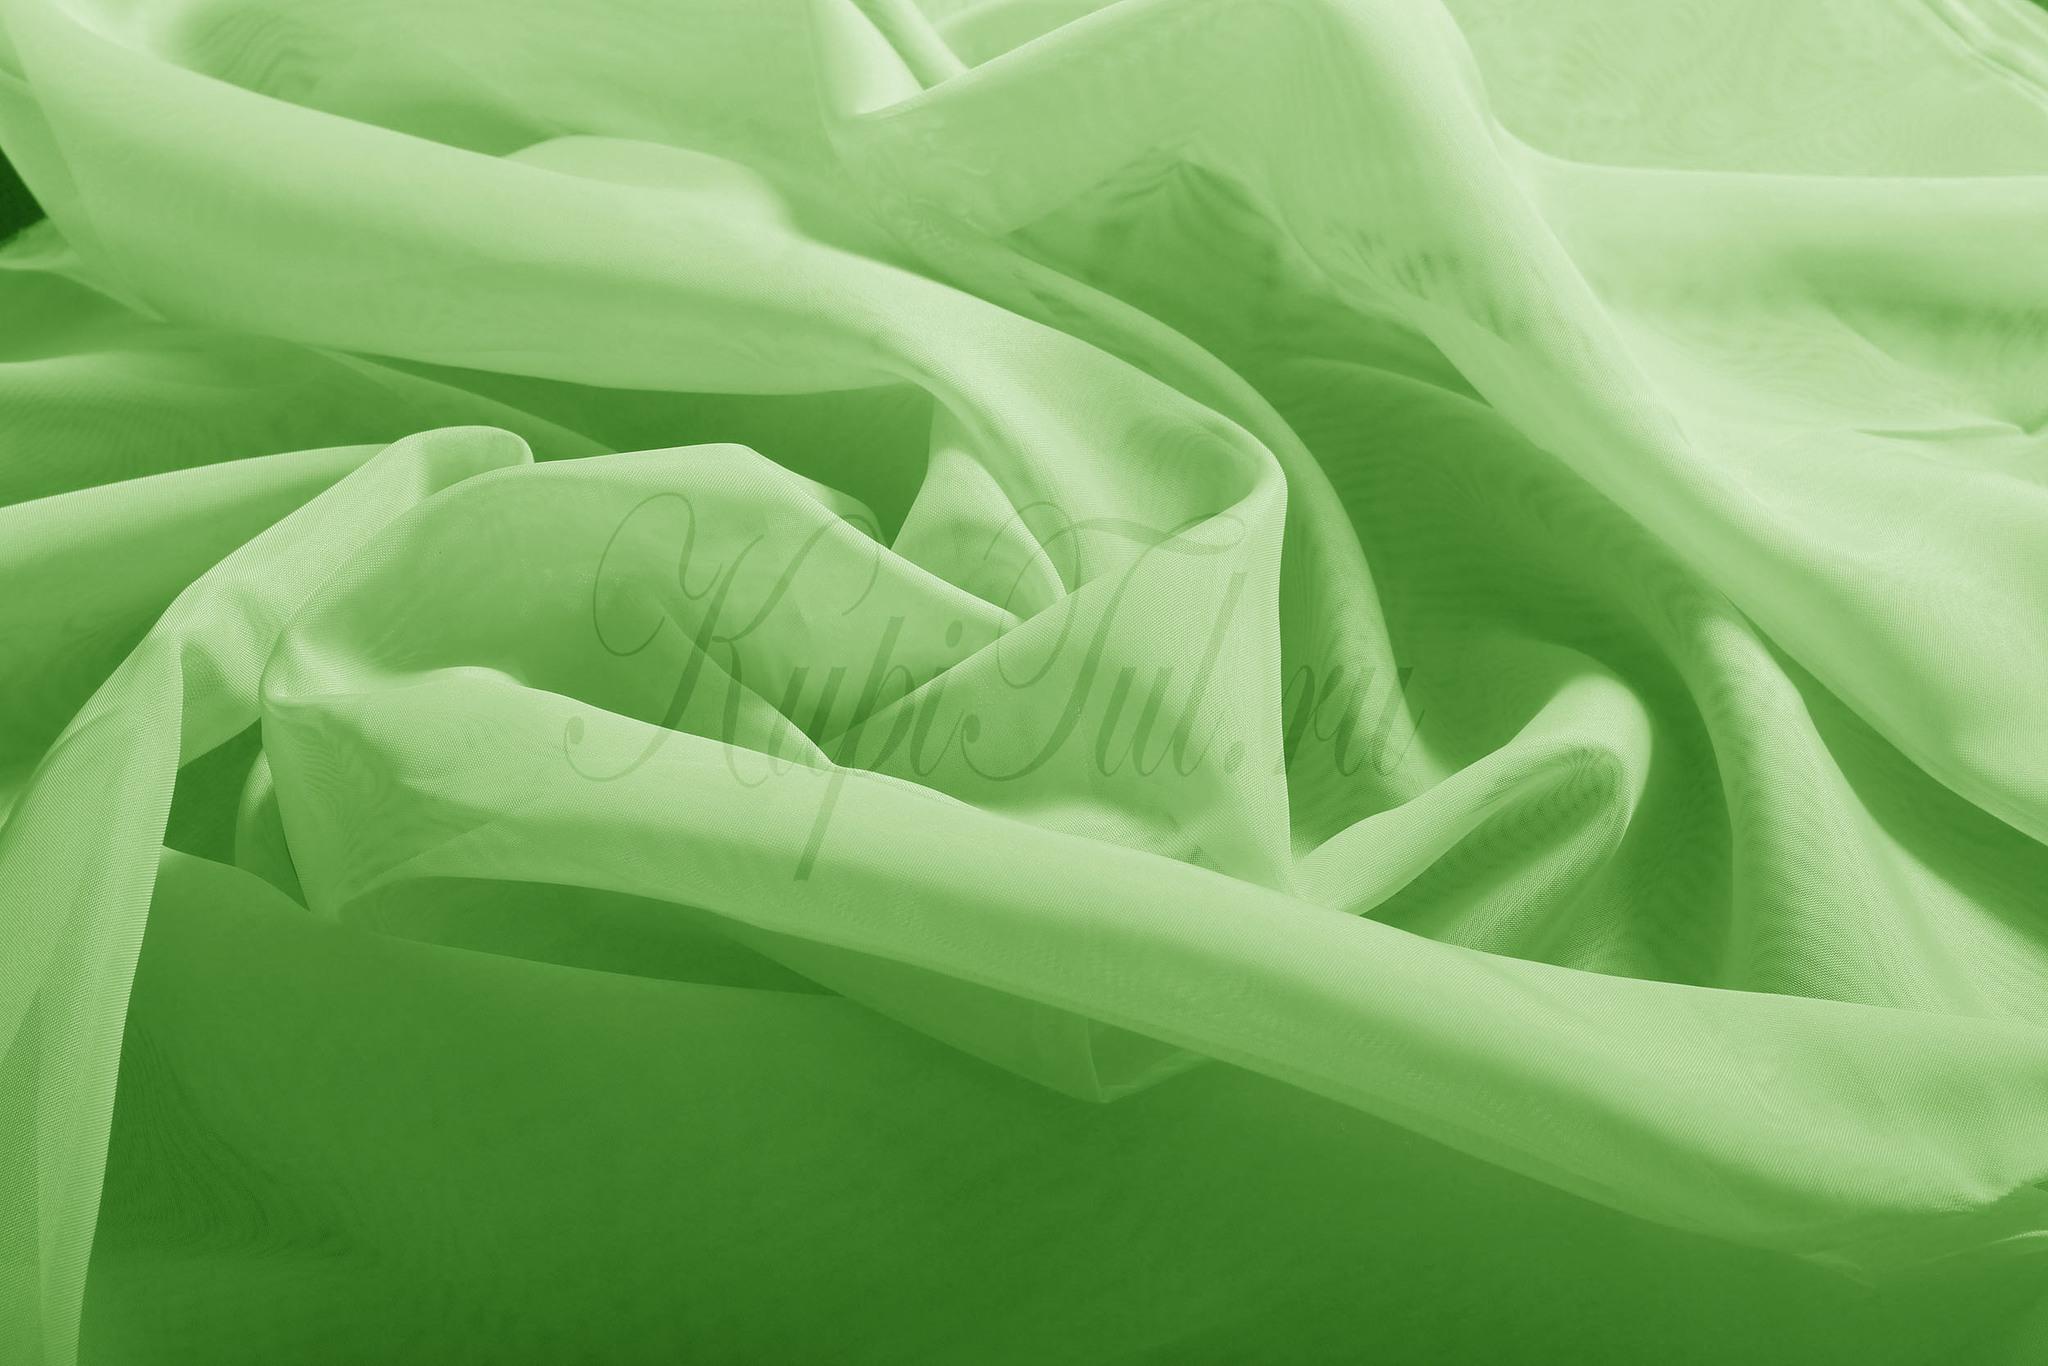 Штора. Тюль Basica-2 (микровуаль зеленый)